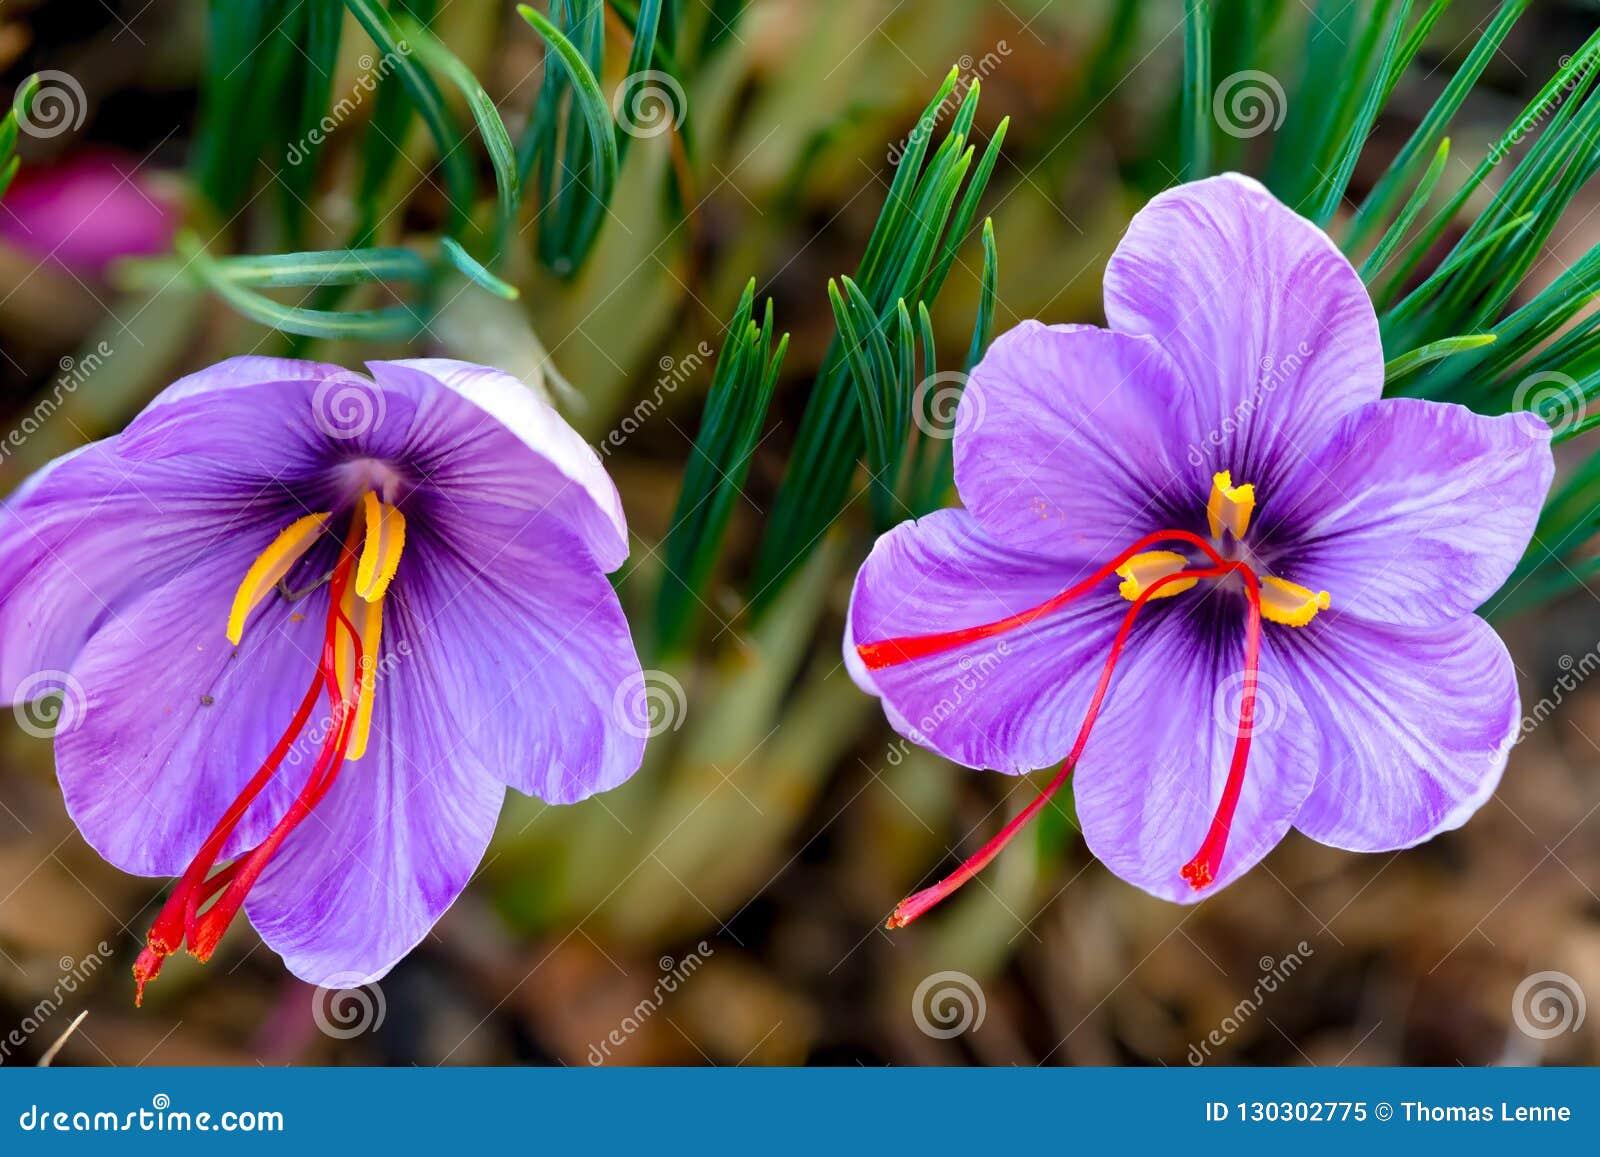 Saffran är en krydda som härledas från den sativus blomman av krokus